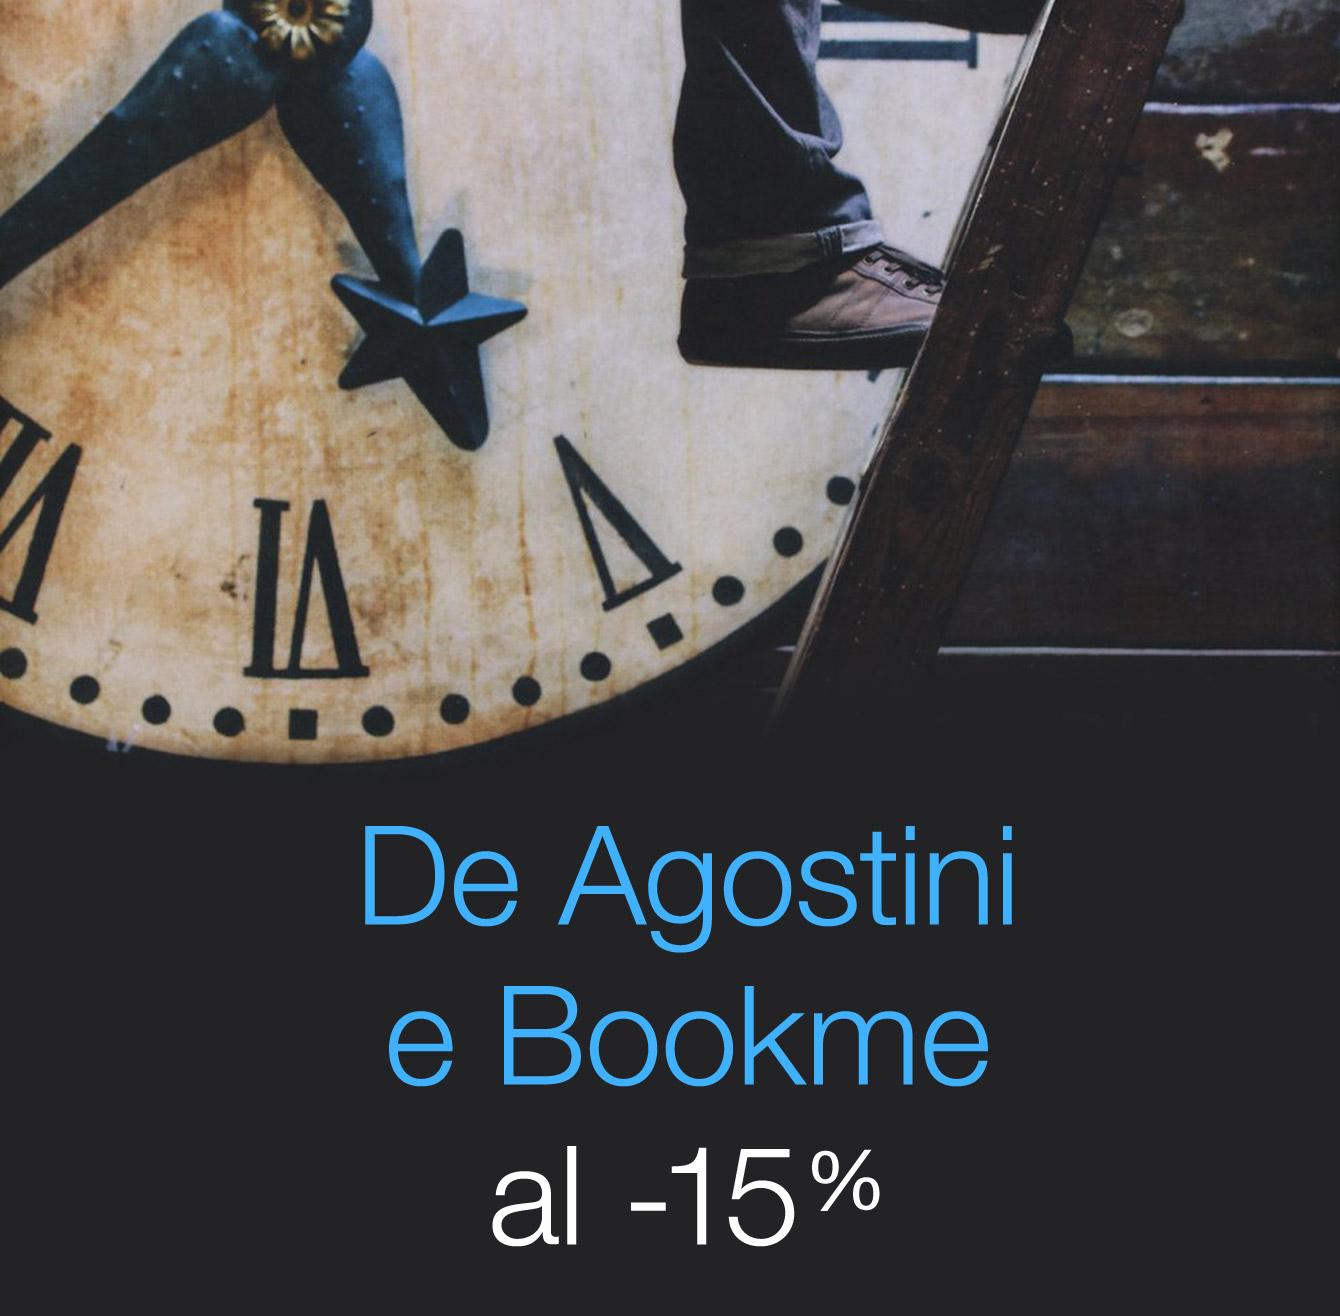 De Agostini e Bookme al -15%